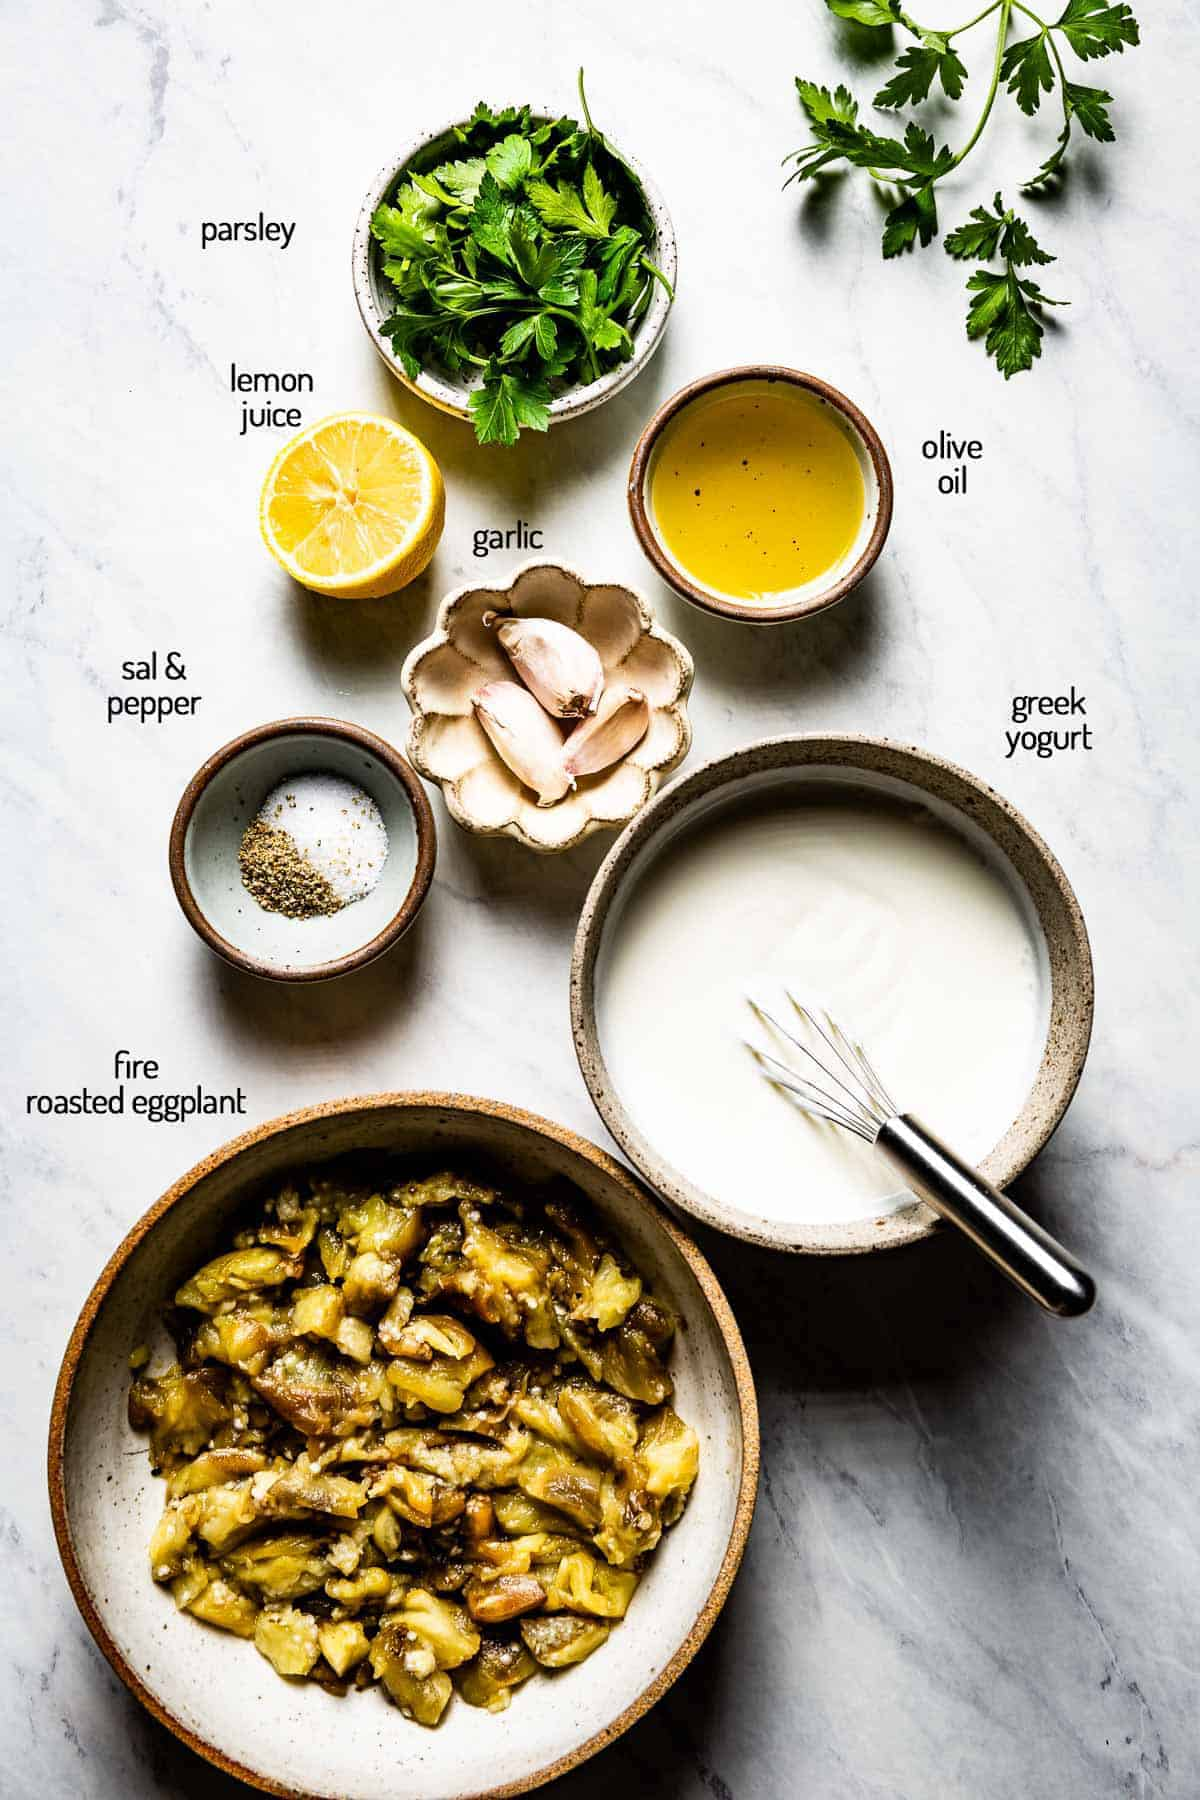 Ingredients for eggplant dip with yogurt